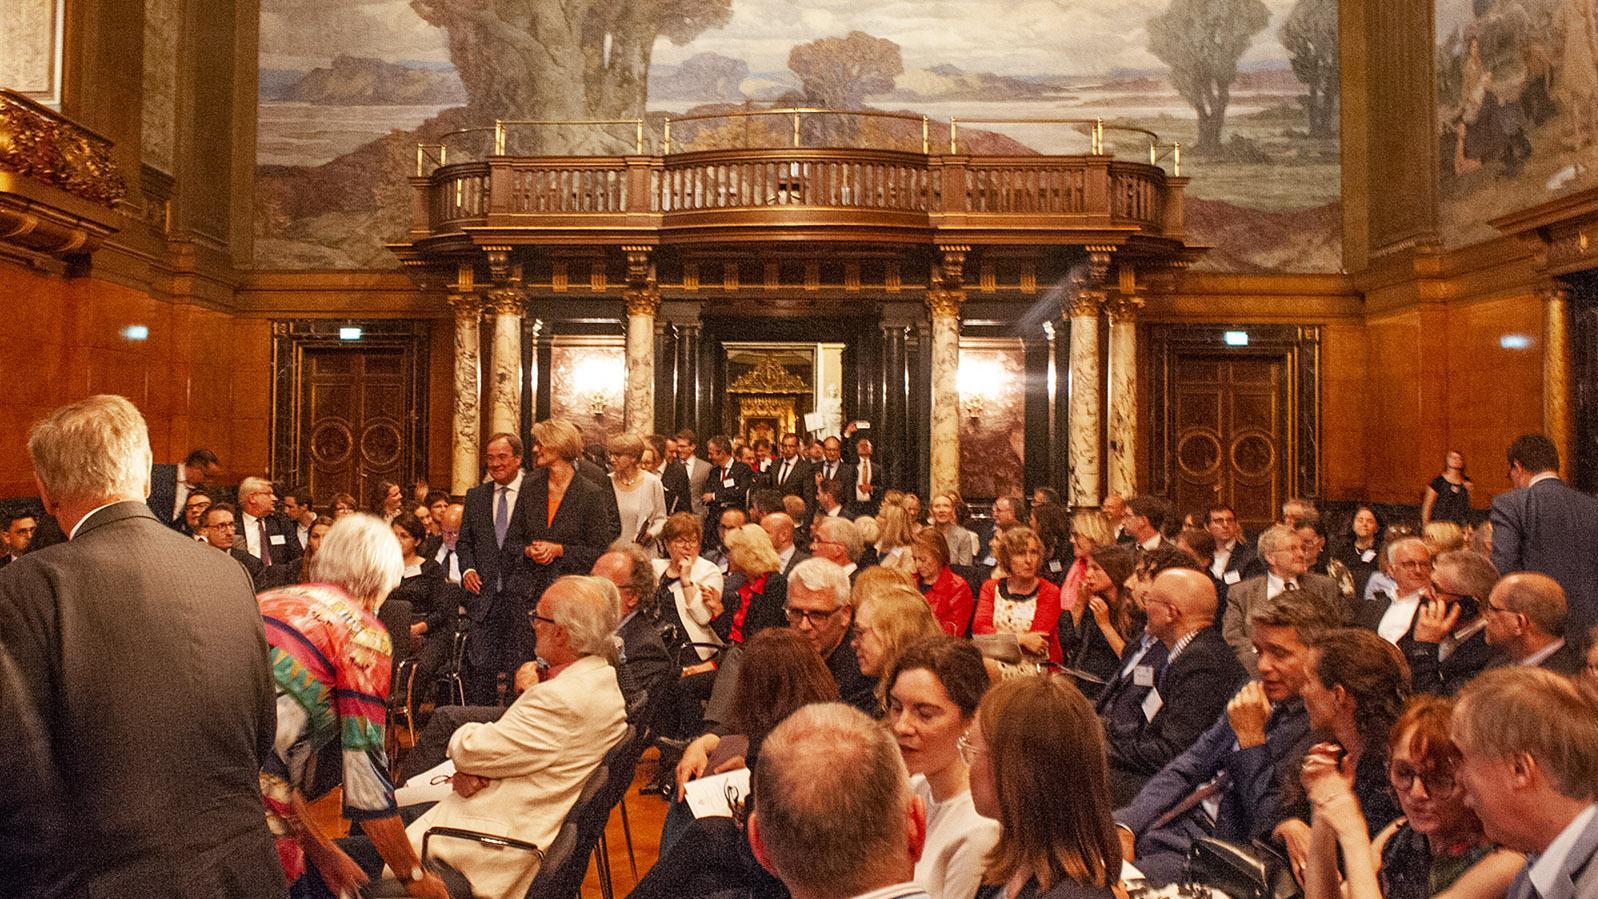 20 Jahre DFH-UFA: Rund 400 Gäste wohnten im großen Festsaal des Hamburger Rathauses der Zeremonie bei. Foto: Hilke Maunder